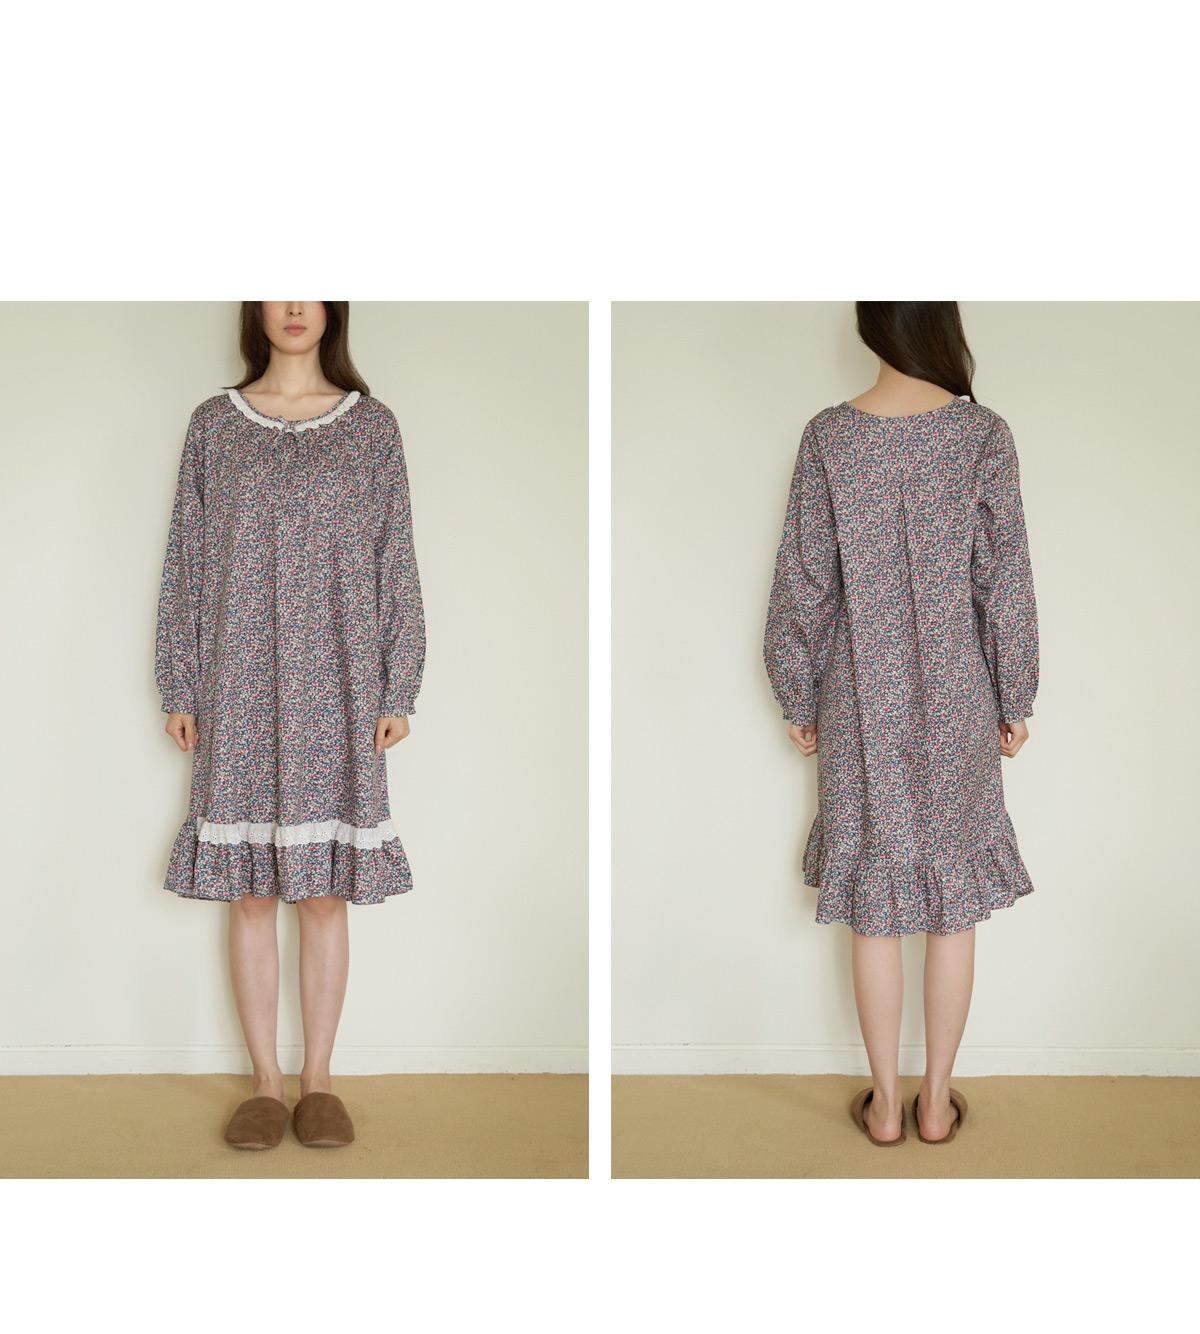 쁘띠가든 순면 원피스잠옷 - 바이메이비, 56,000원, 잠옷, 여성파자마